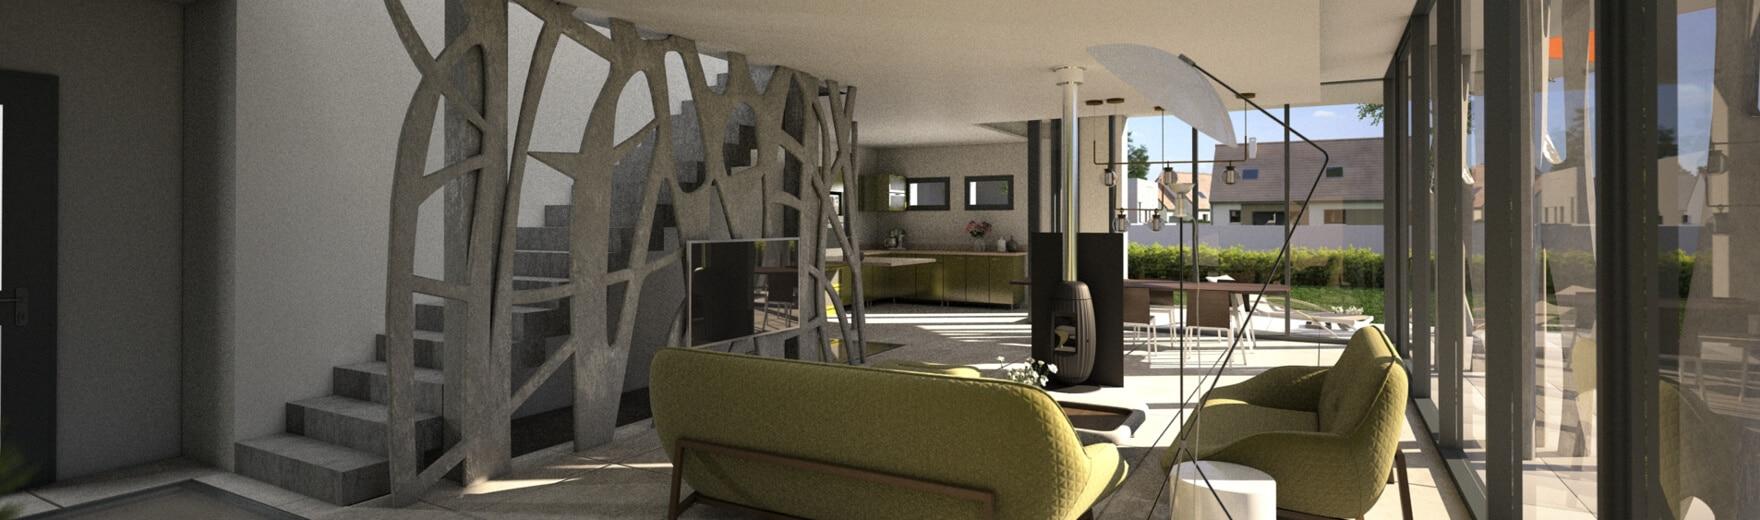 Habiller Un Pilier En Beton architecture et design | newsletter concept yrysmfc